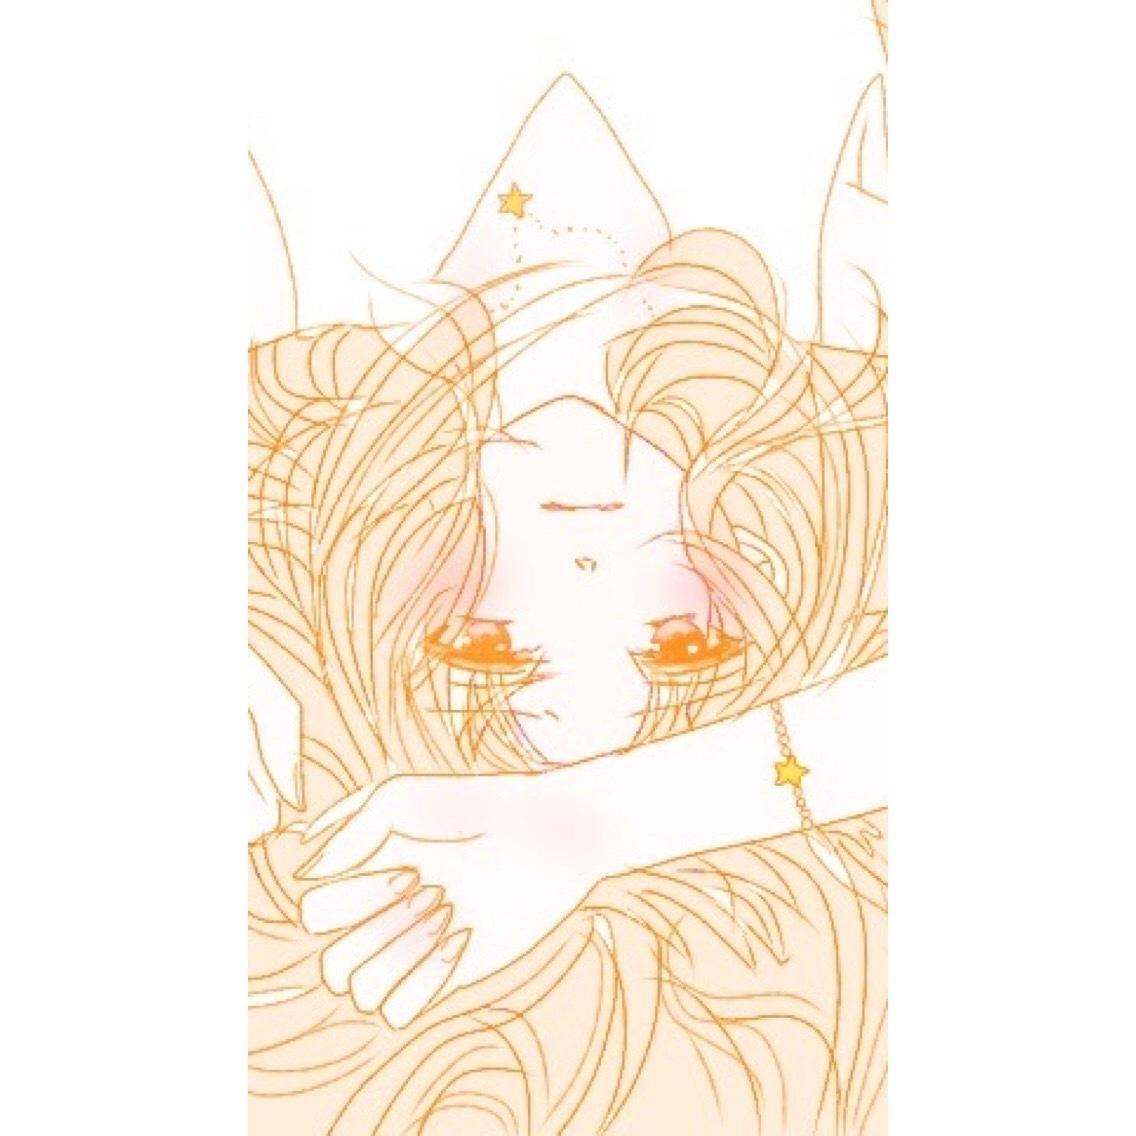 切ない系女子のイラスト描きます iPhoneで一発手描きです。 イメージ1